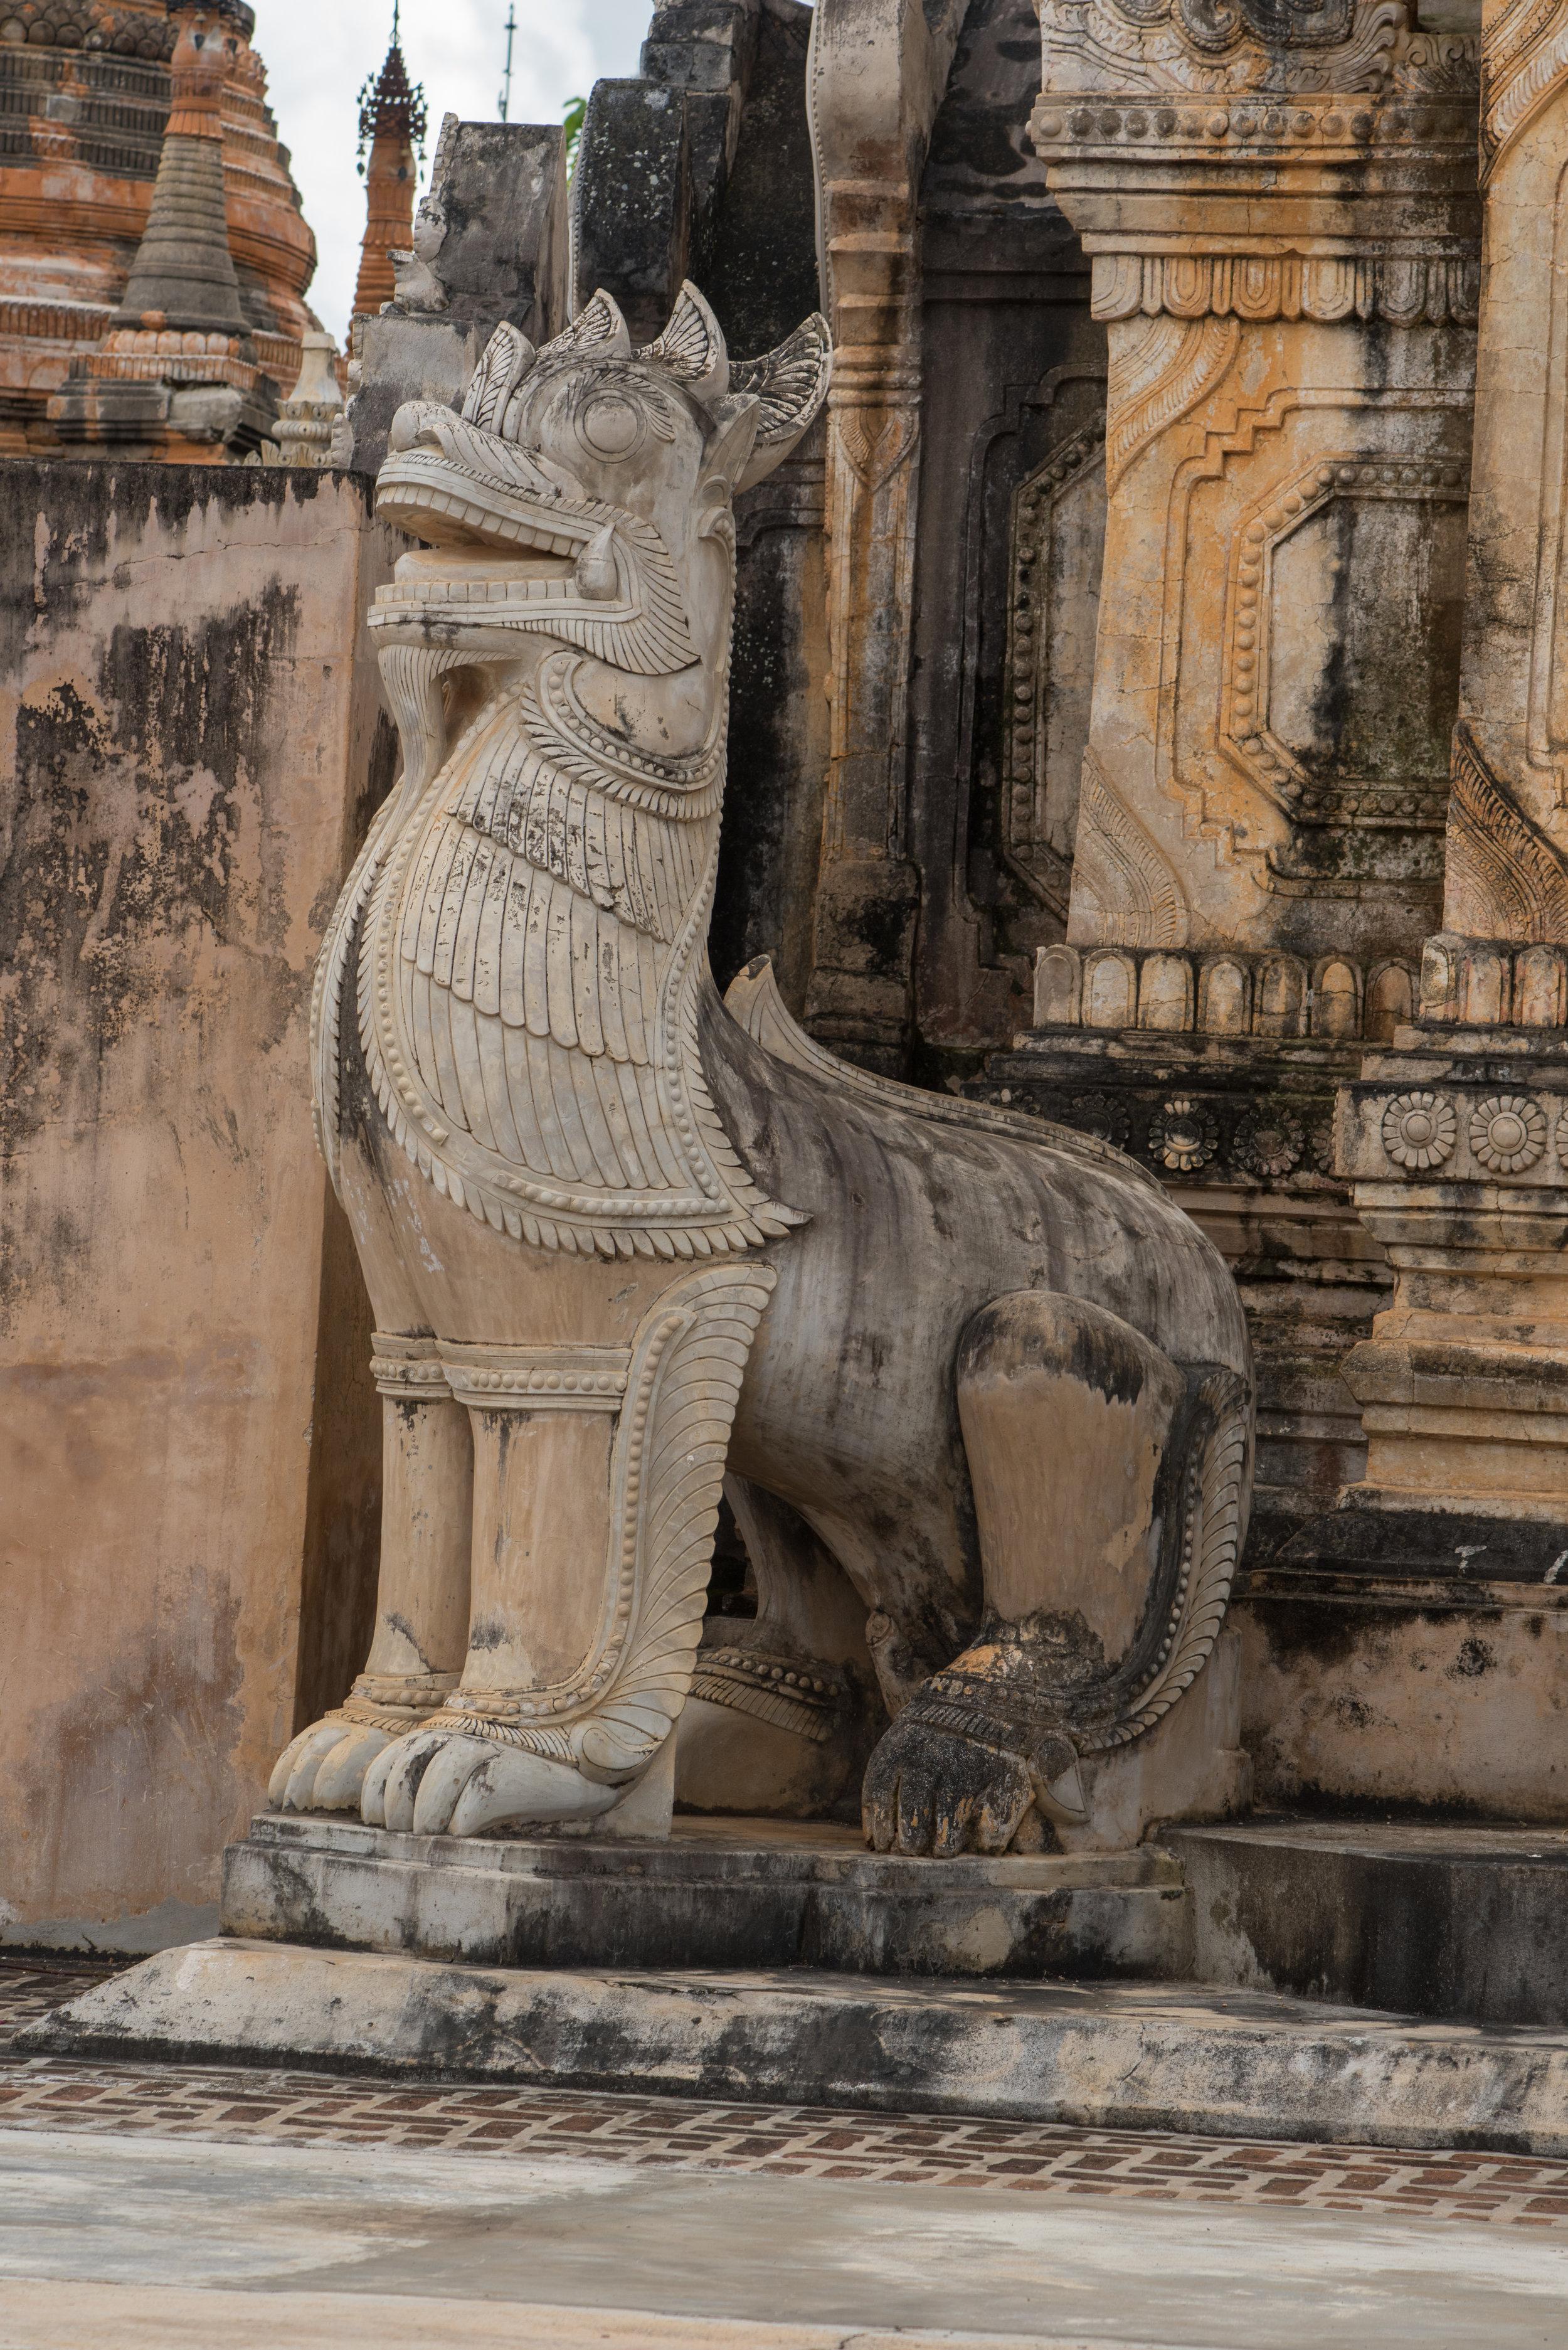 Tharkong Pagoda, Inle Lake, Myanmar